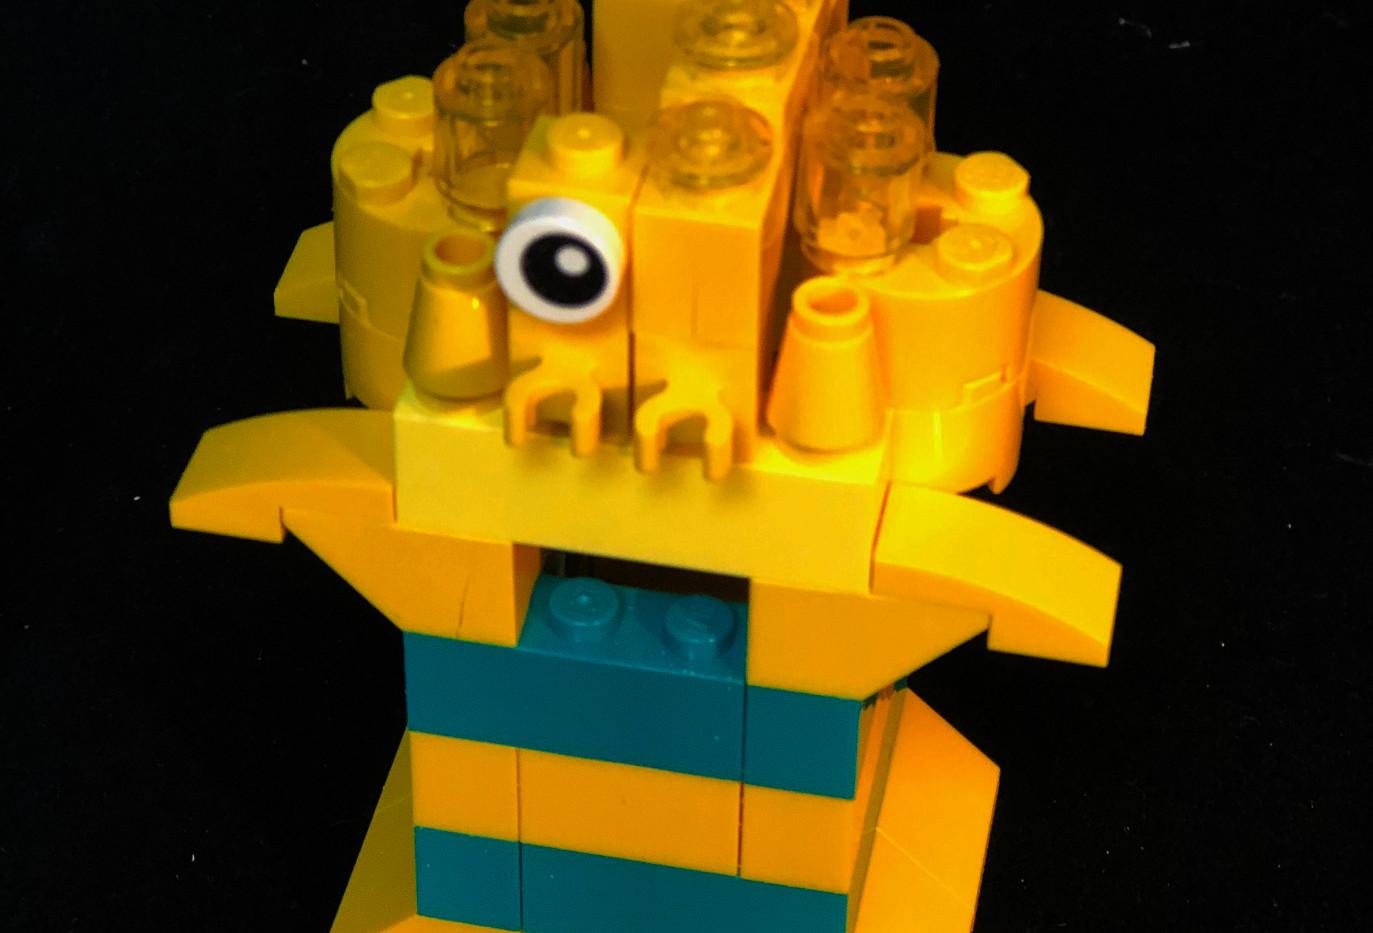 LEtitGO--Yellow Cubie by Thomas Moraitis